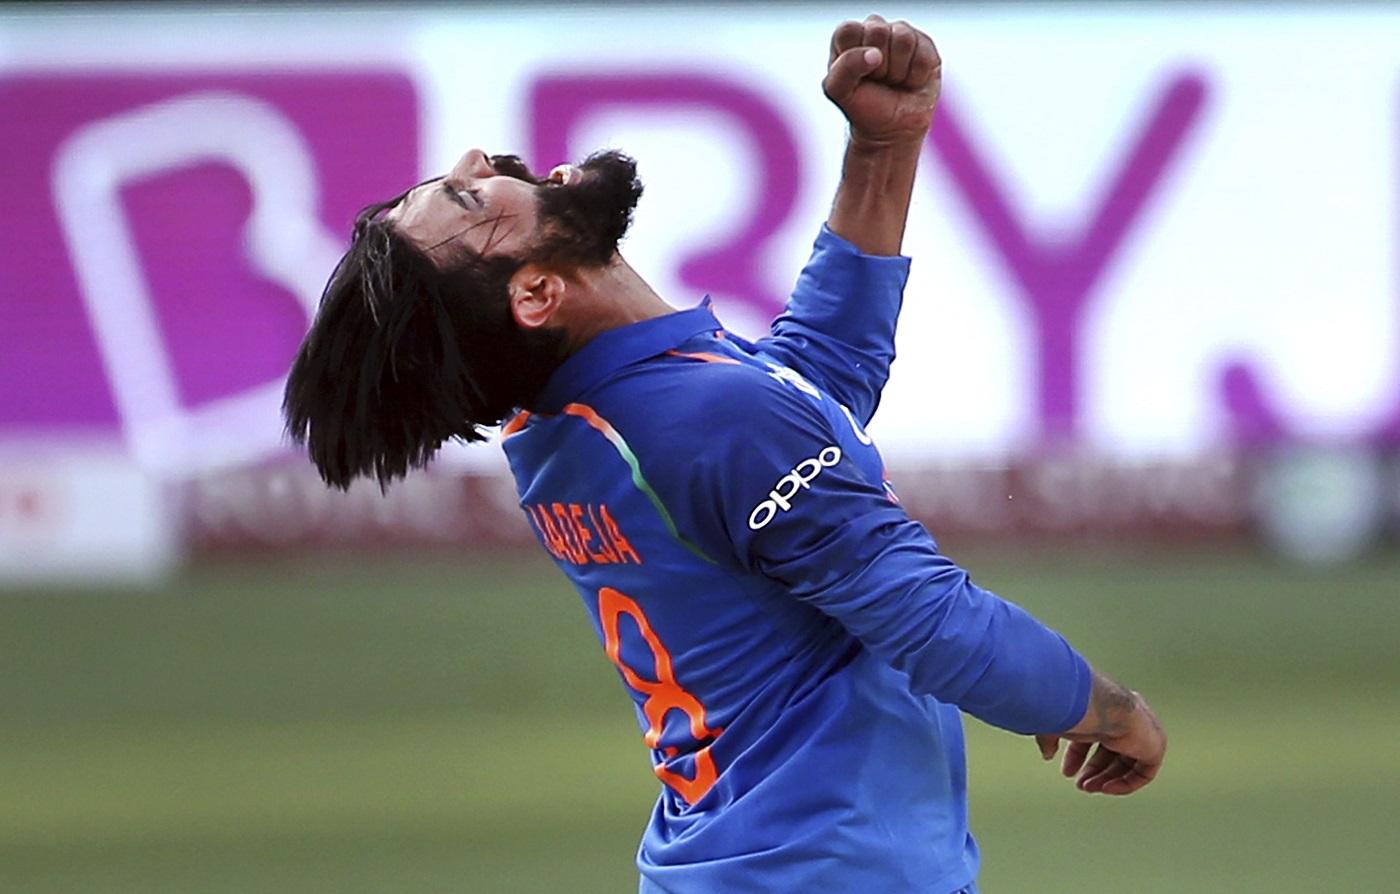 अजीत आगरकर ऑस्ट्रेलिया दौरे के लिए रविंद्र जडेजा और रविचंद्रन अश्विन में से सिर्फ इस खिलाड़ी कों देना चाहते हैं जगह 4